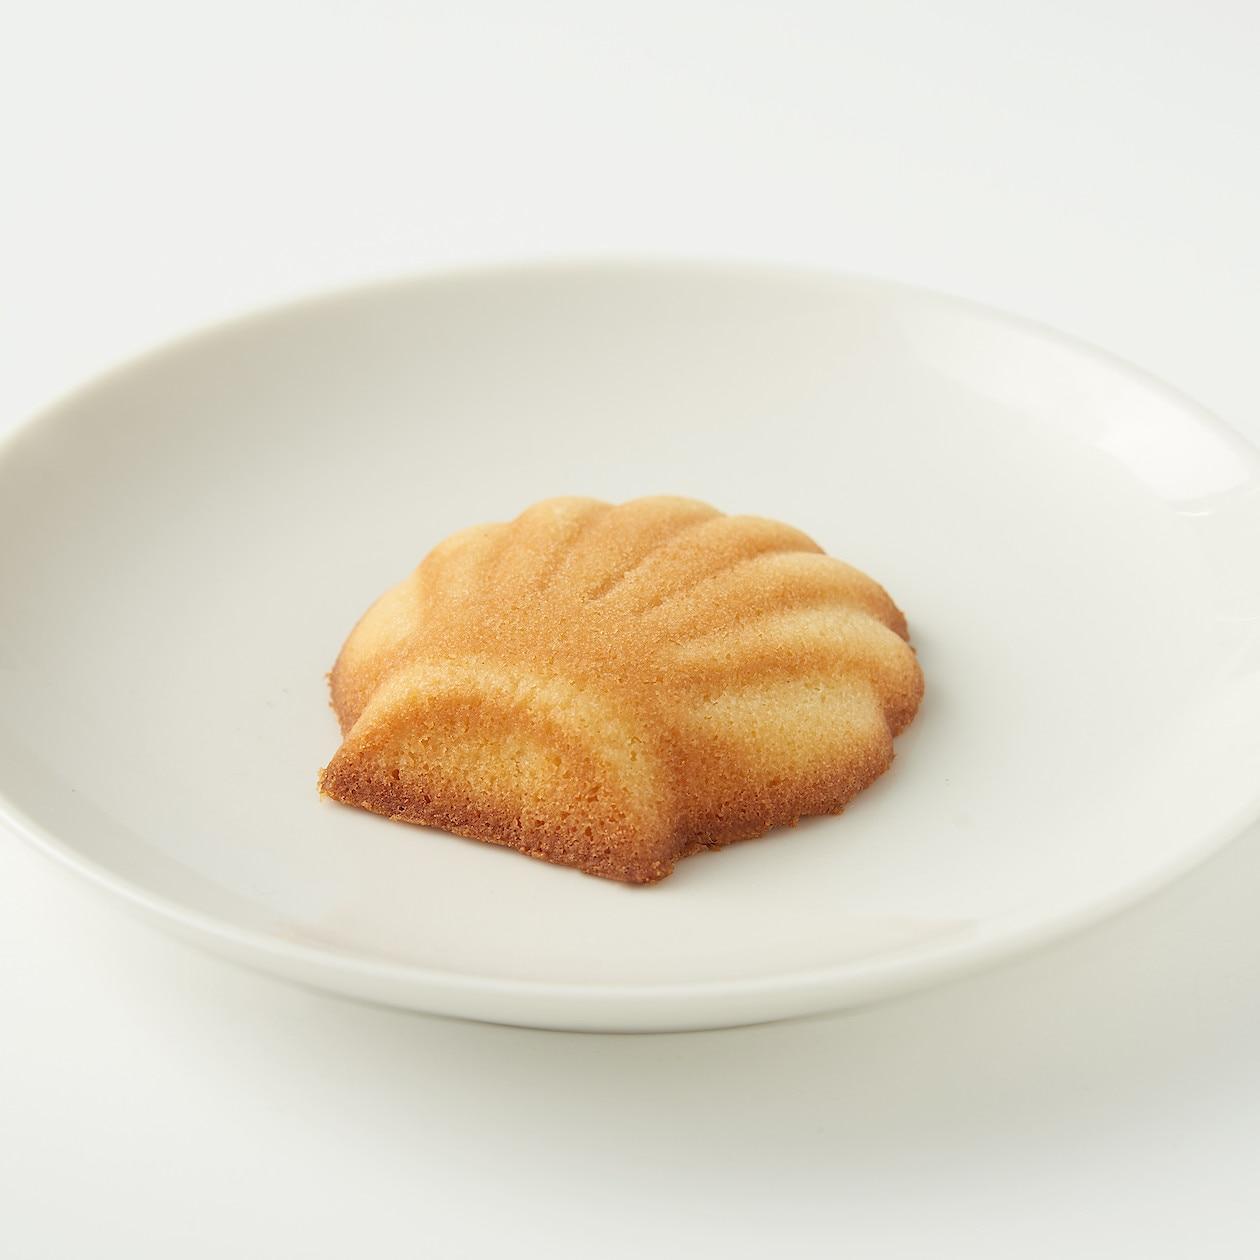 糖質10g以下のお菓子 マドレーヌ